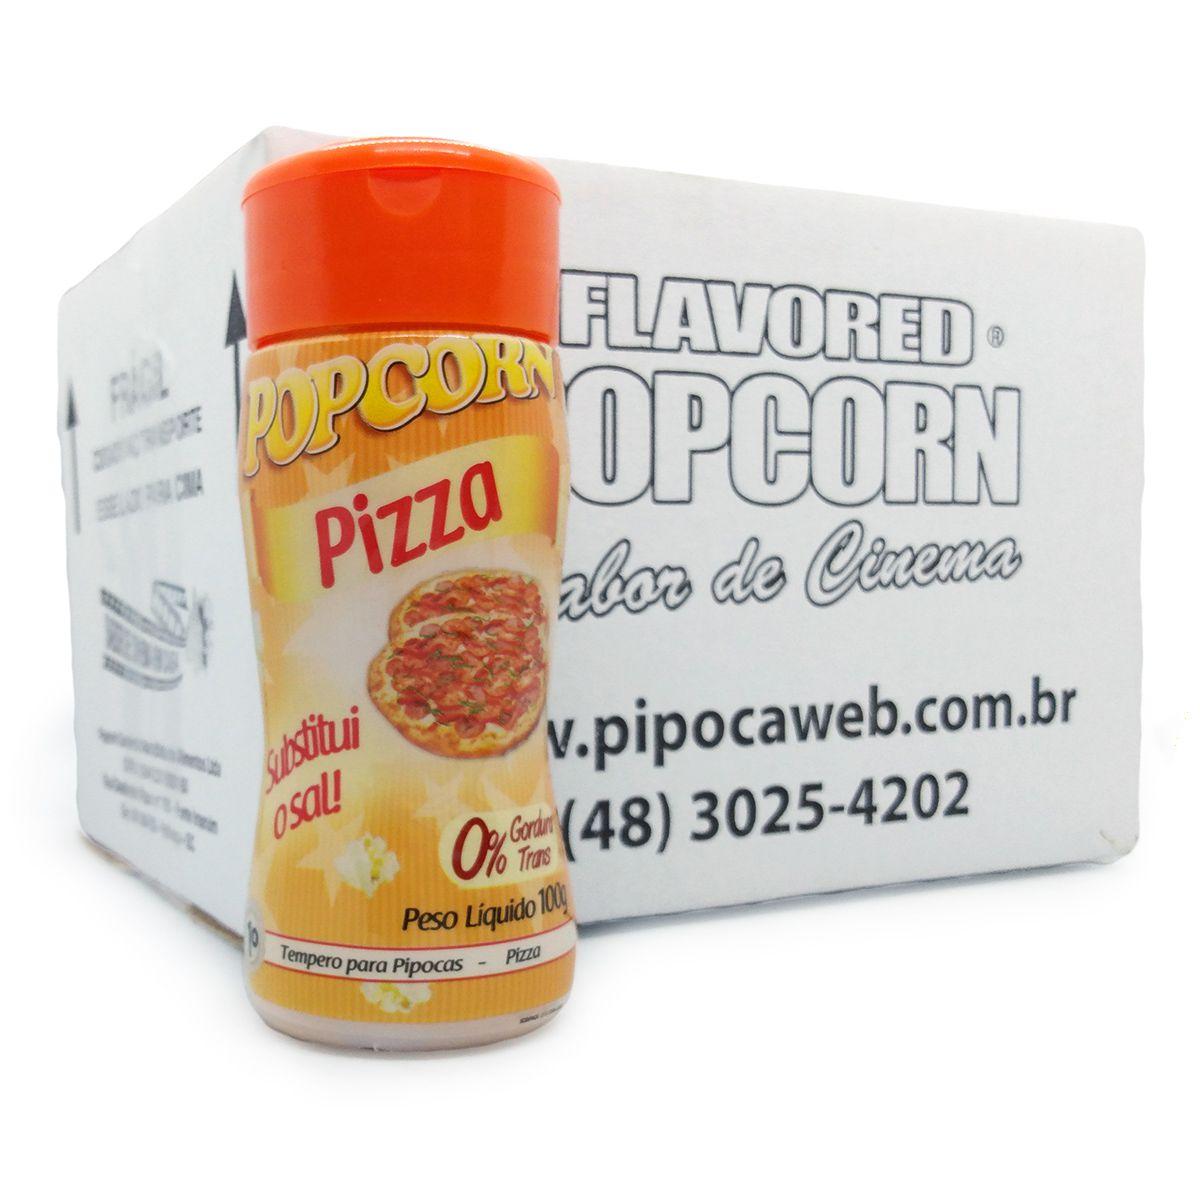 TEMPEROS P/ PIPOCA - SABOR PIZZA 100g (24 unidades)